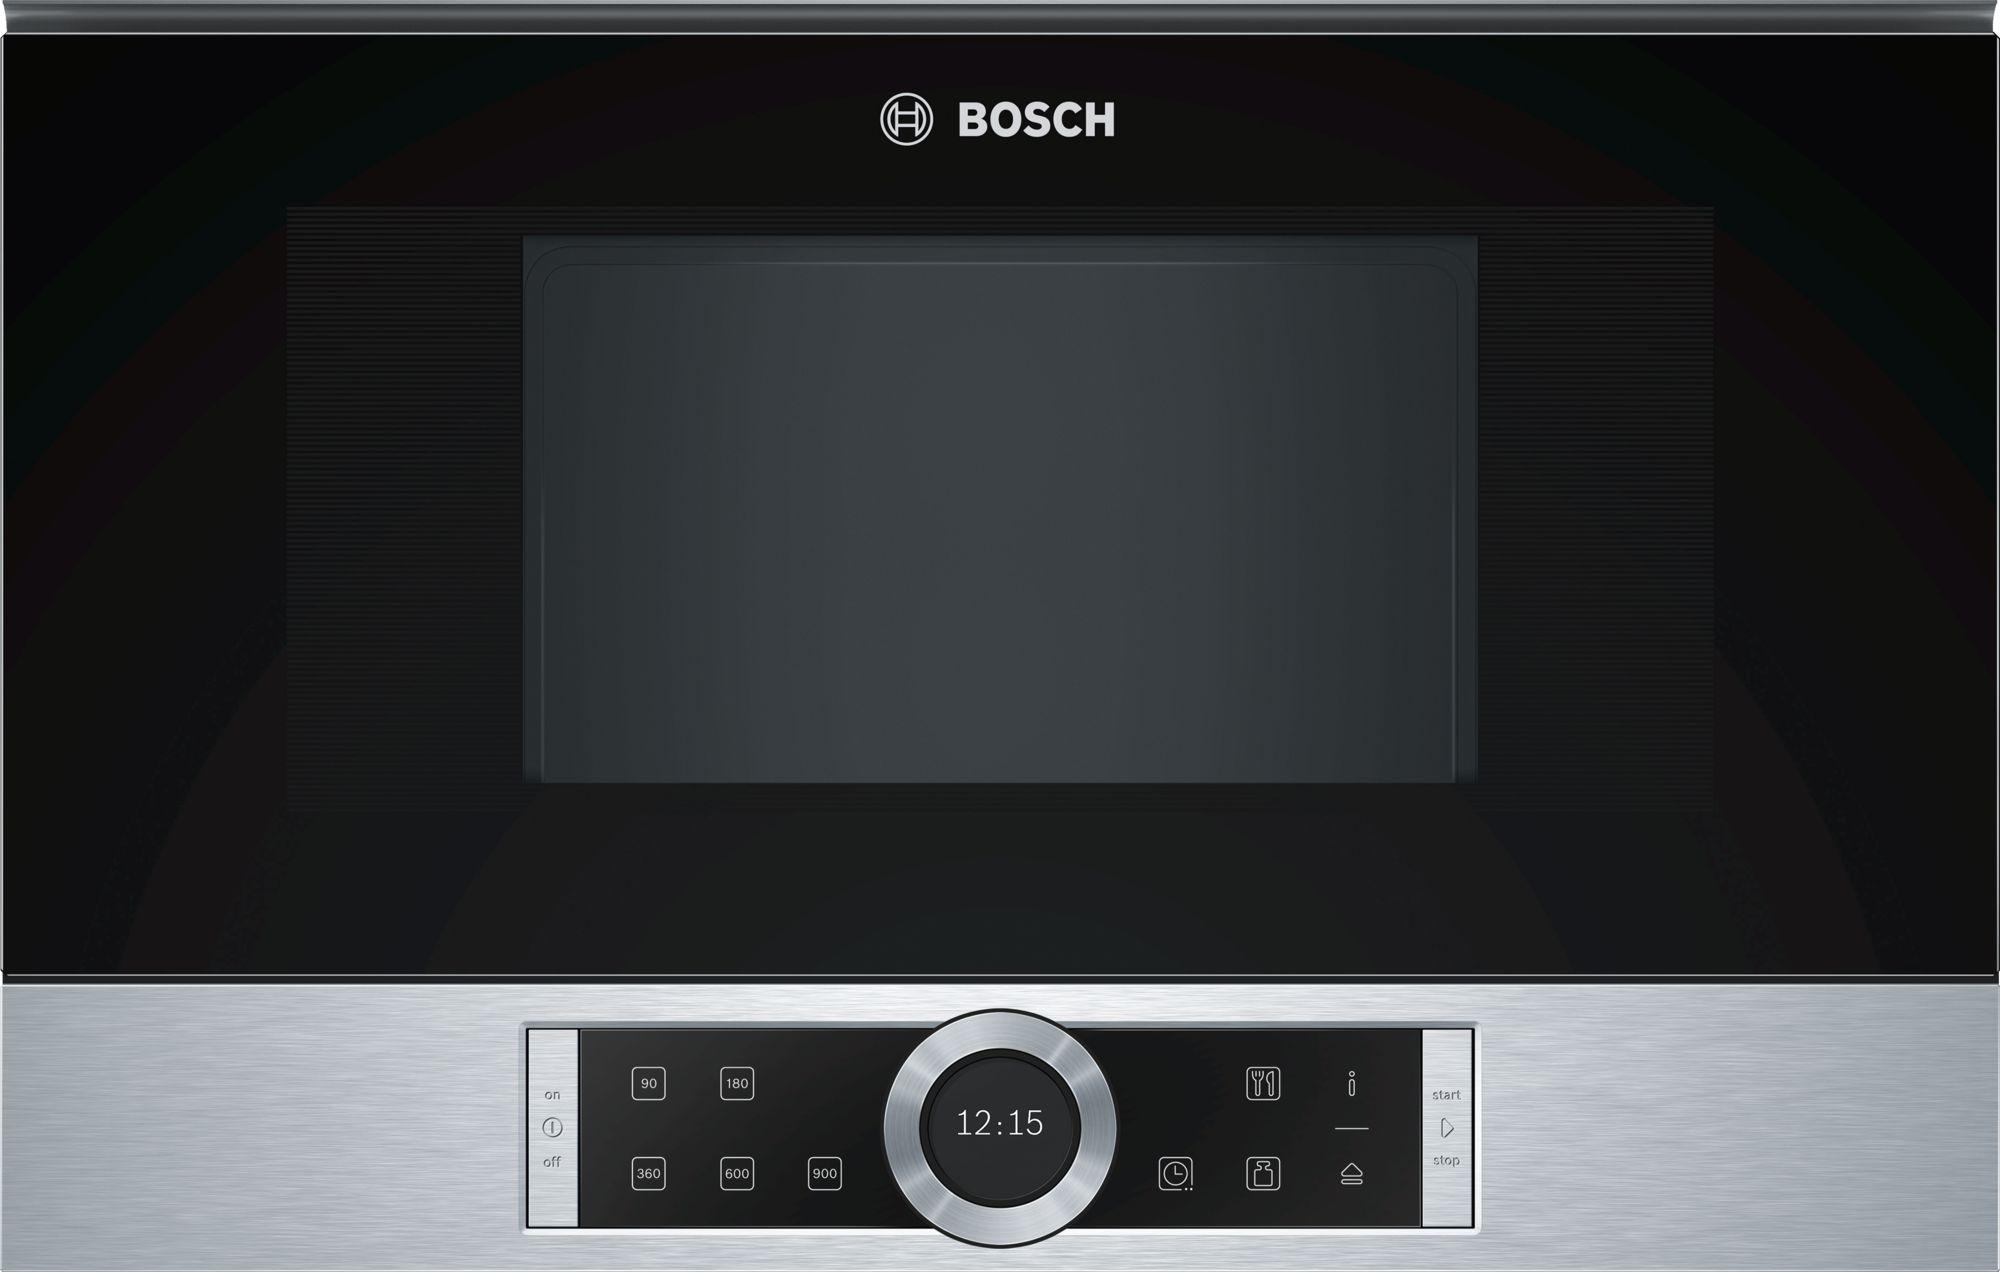 Lò vi sóng Bosch BFR634GS1, lò vi sóng, lo vi song, lò vi sóng Bosch, lò vi sóng Bosch giá rẻ, lò vi sóng Bosch giá rẻ tại TPHCM, lò vi sóng giá rẻ, lò viba, lò vi sóng giá rẻ, lò vi sóng âm tủ